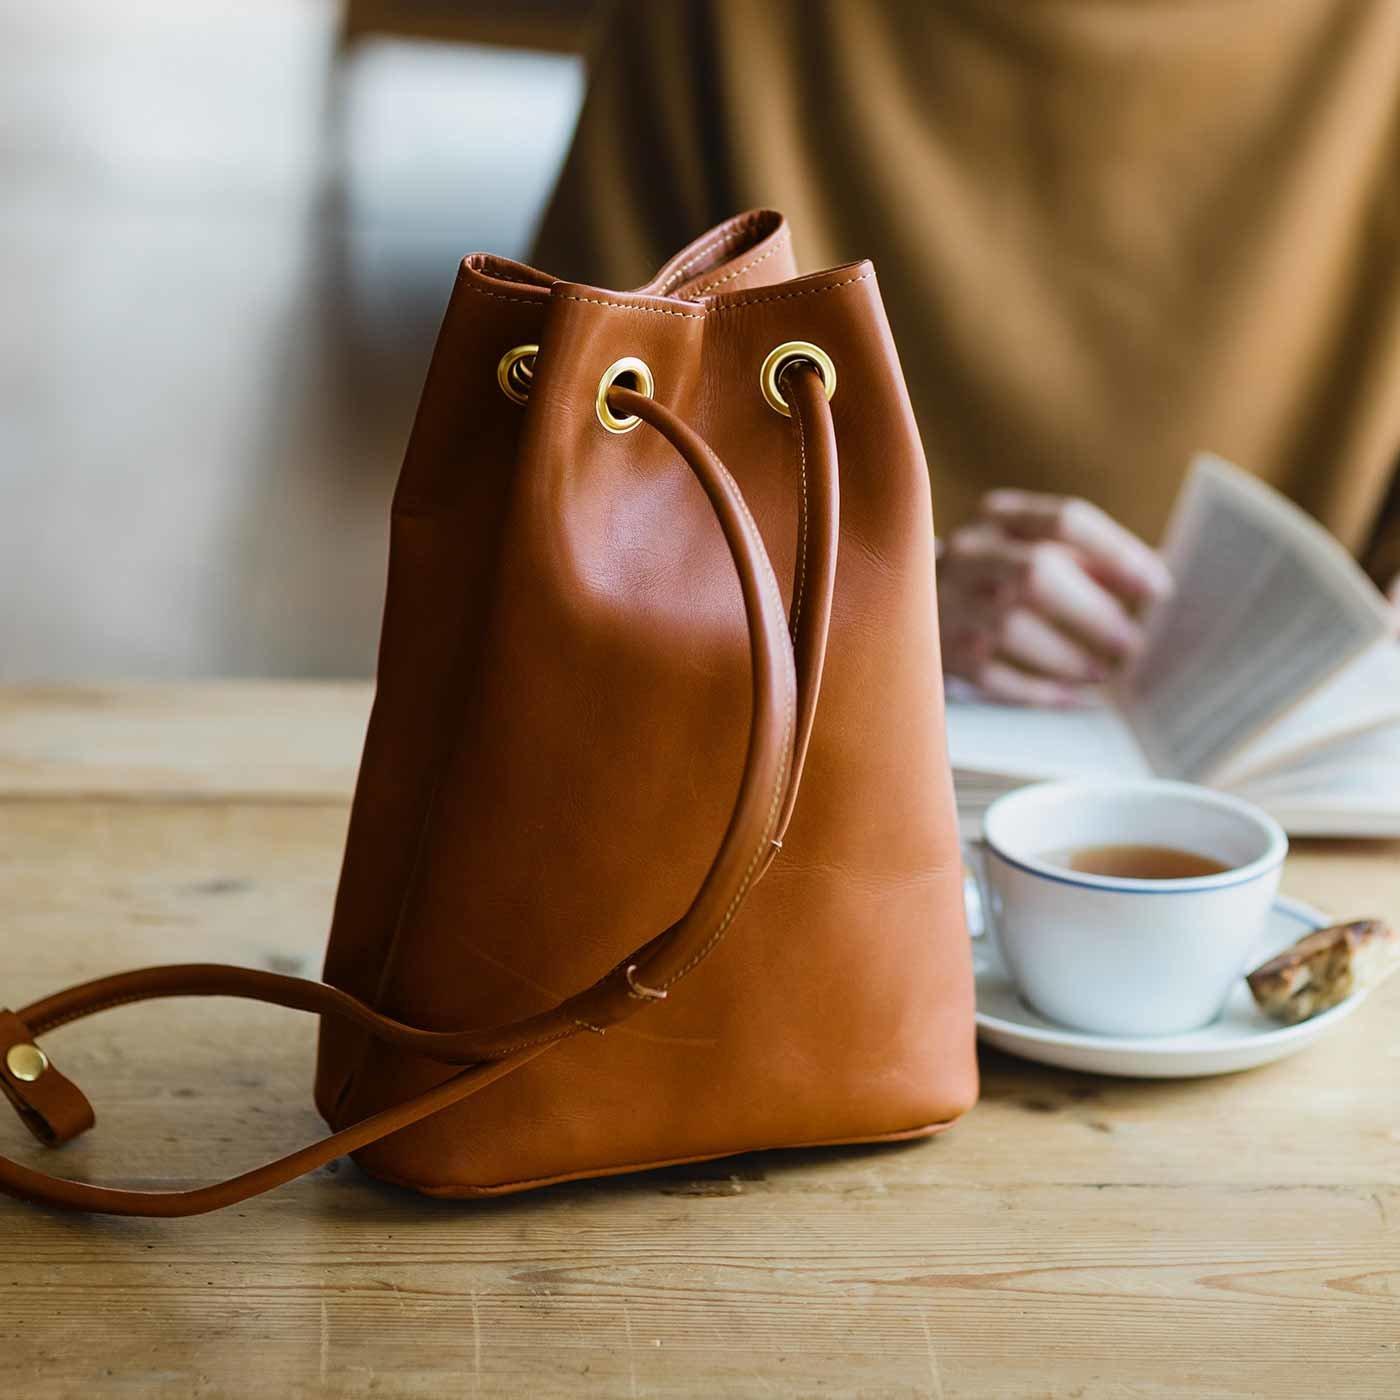 鞄職人と作った オールレザー2-WAY巾着バッグ〈キャメル〉